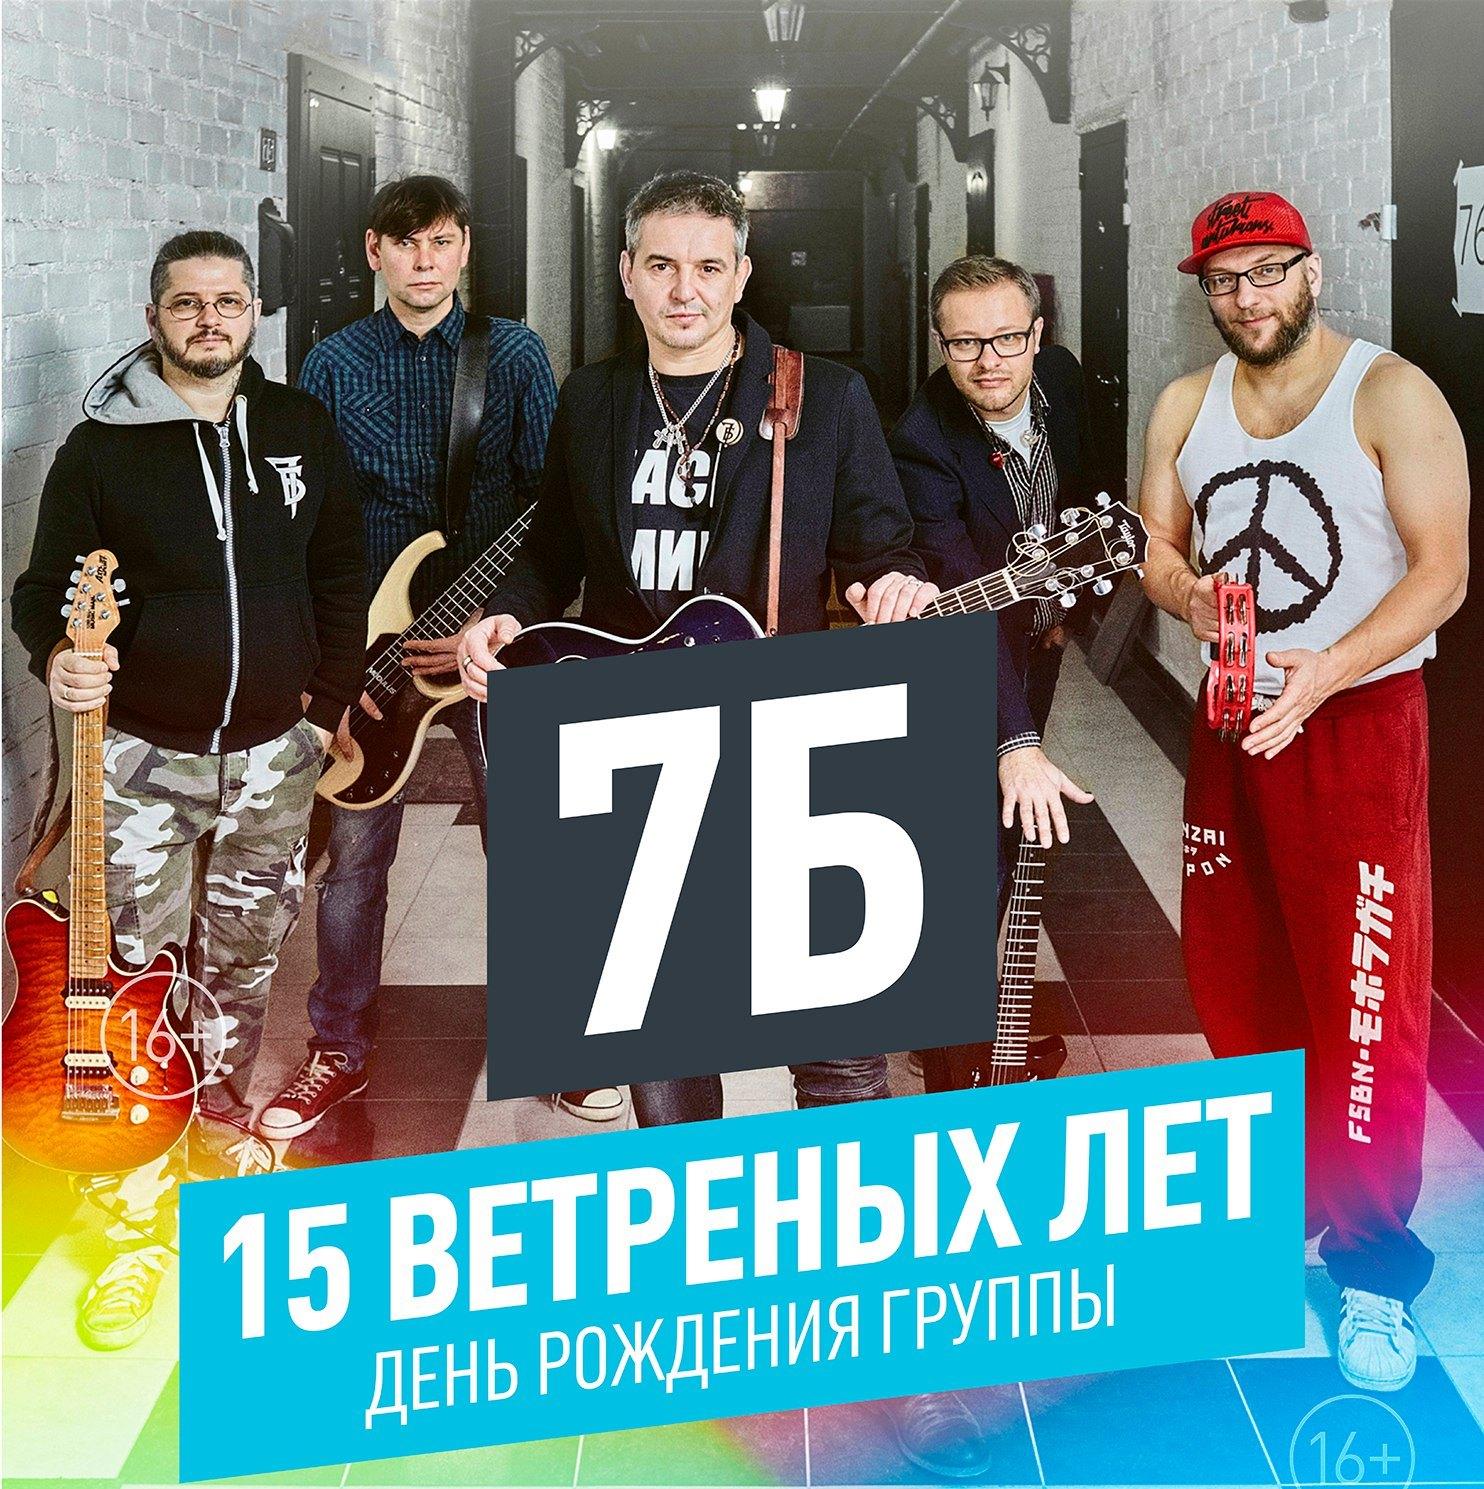 Группа 7Б встретила 15-летие большим концертом в компании друзей